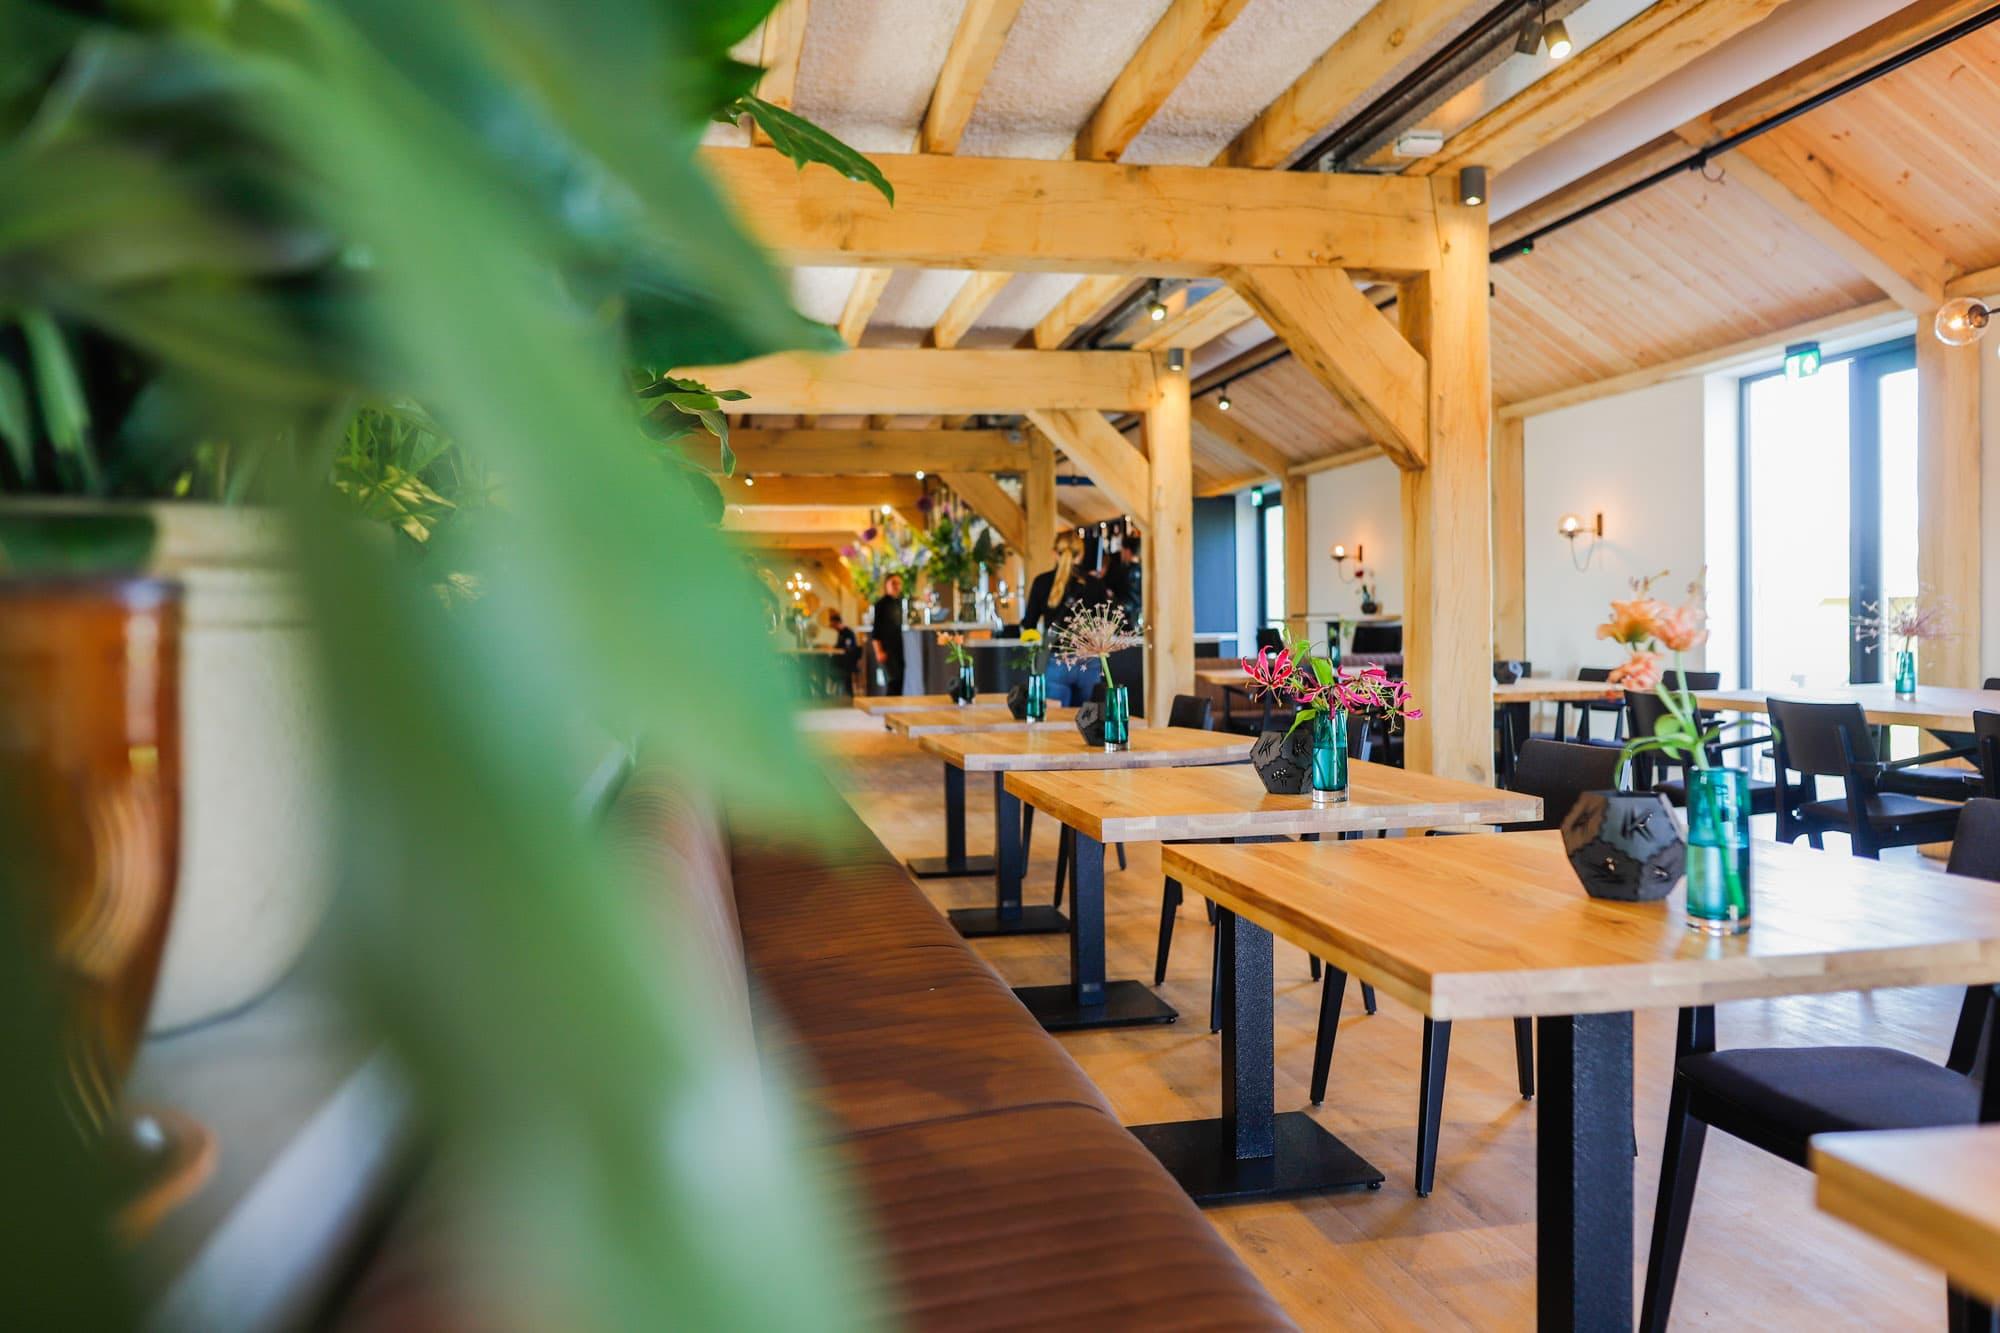 Restaurant Krelis overzichtsfoto van het restaurant